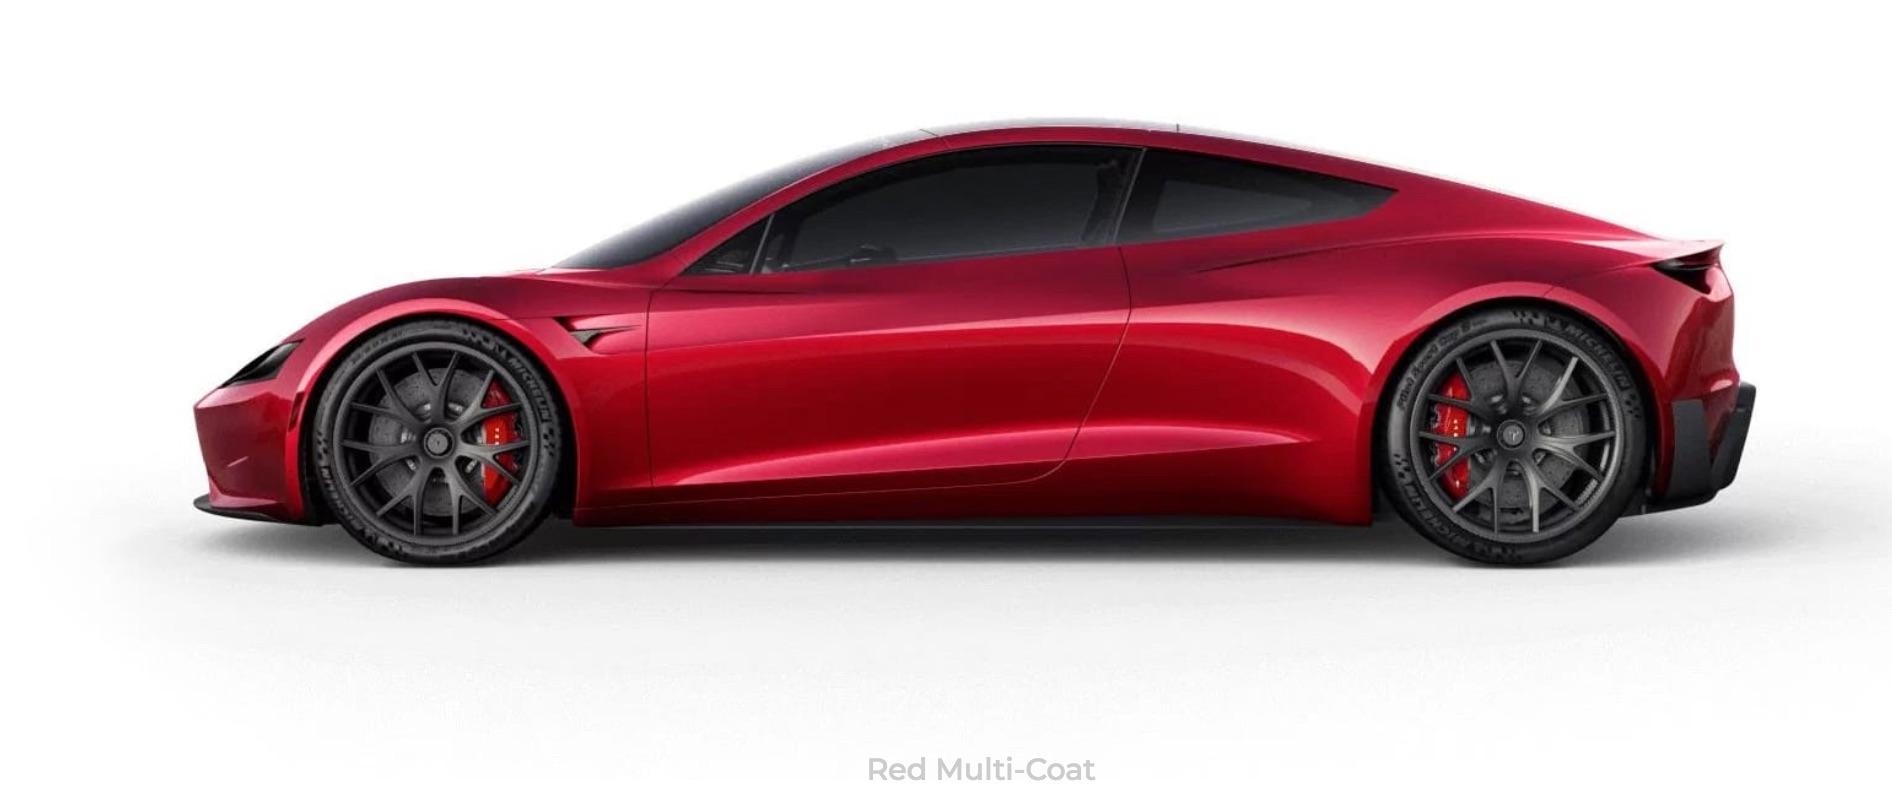 tesla roadster red multi coat. Black Bedroom Furniture Sets. Home Design Ideas